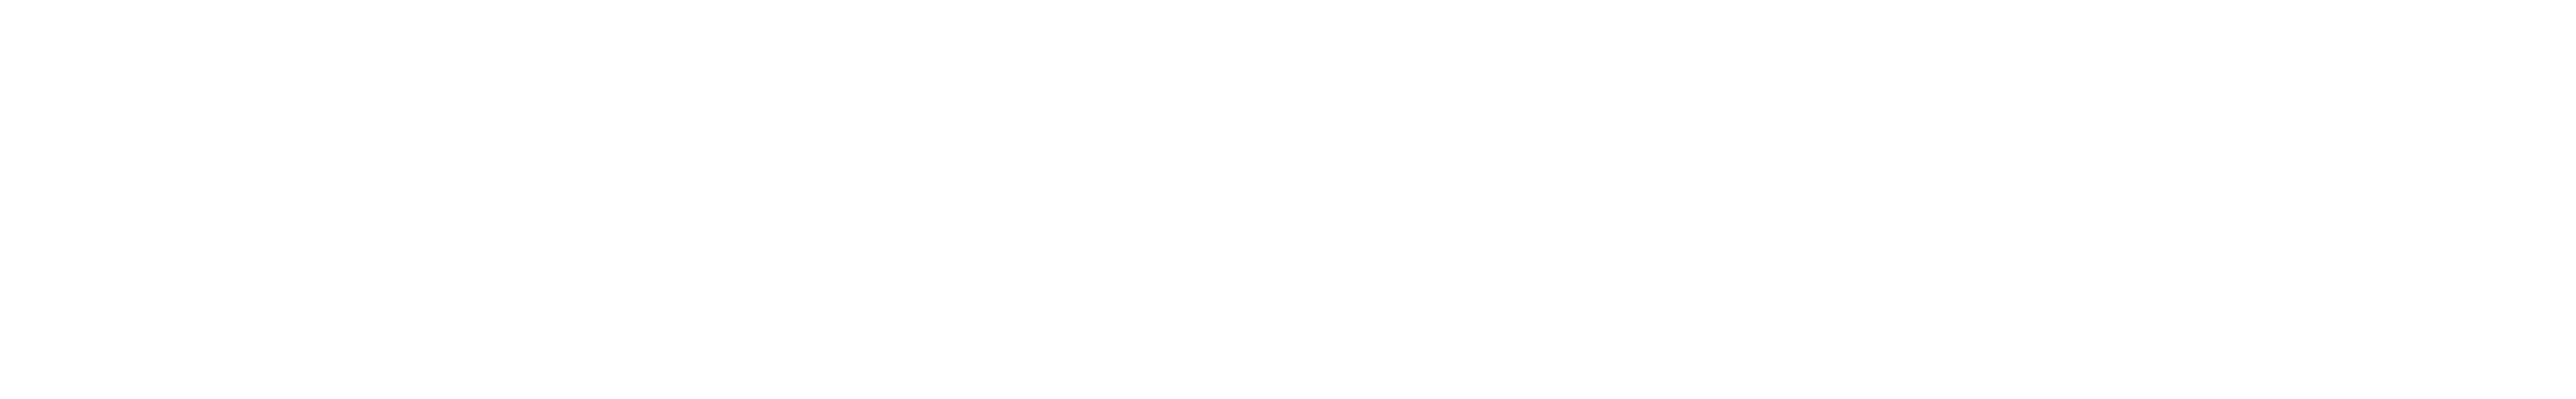 Scherba Media footer logo